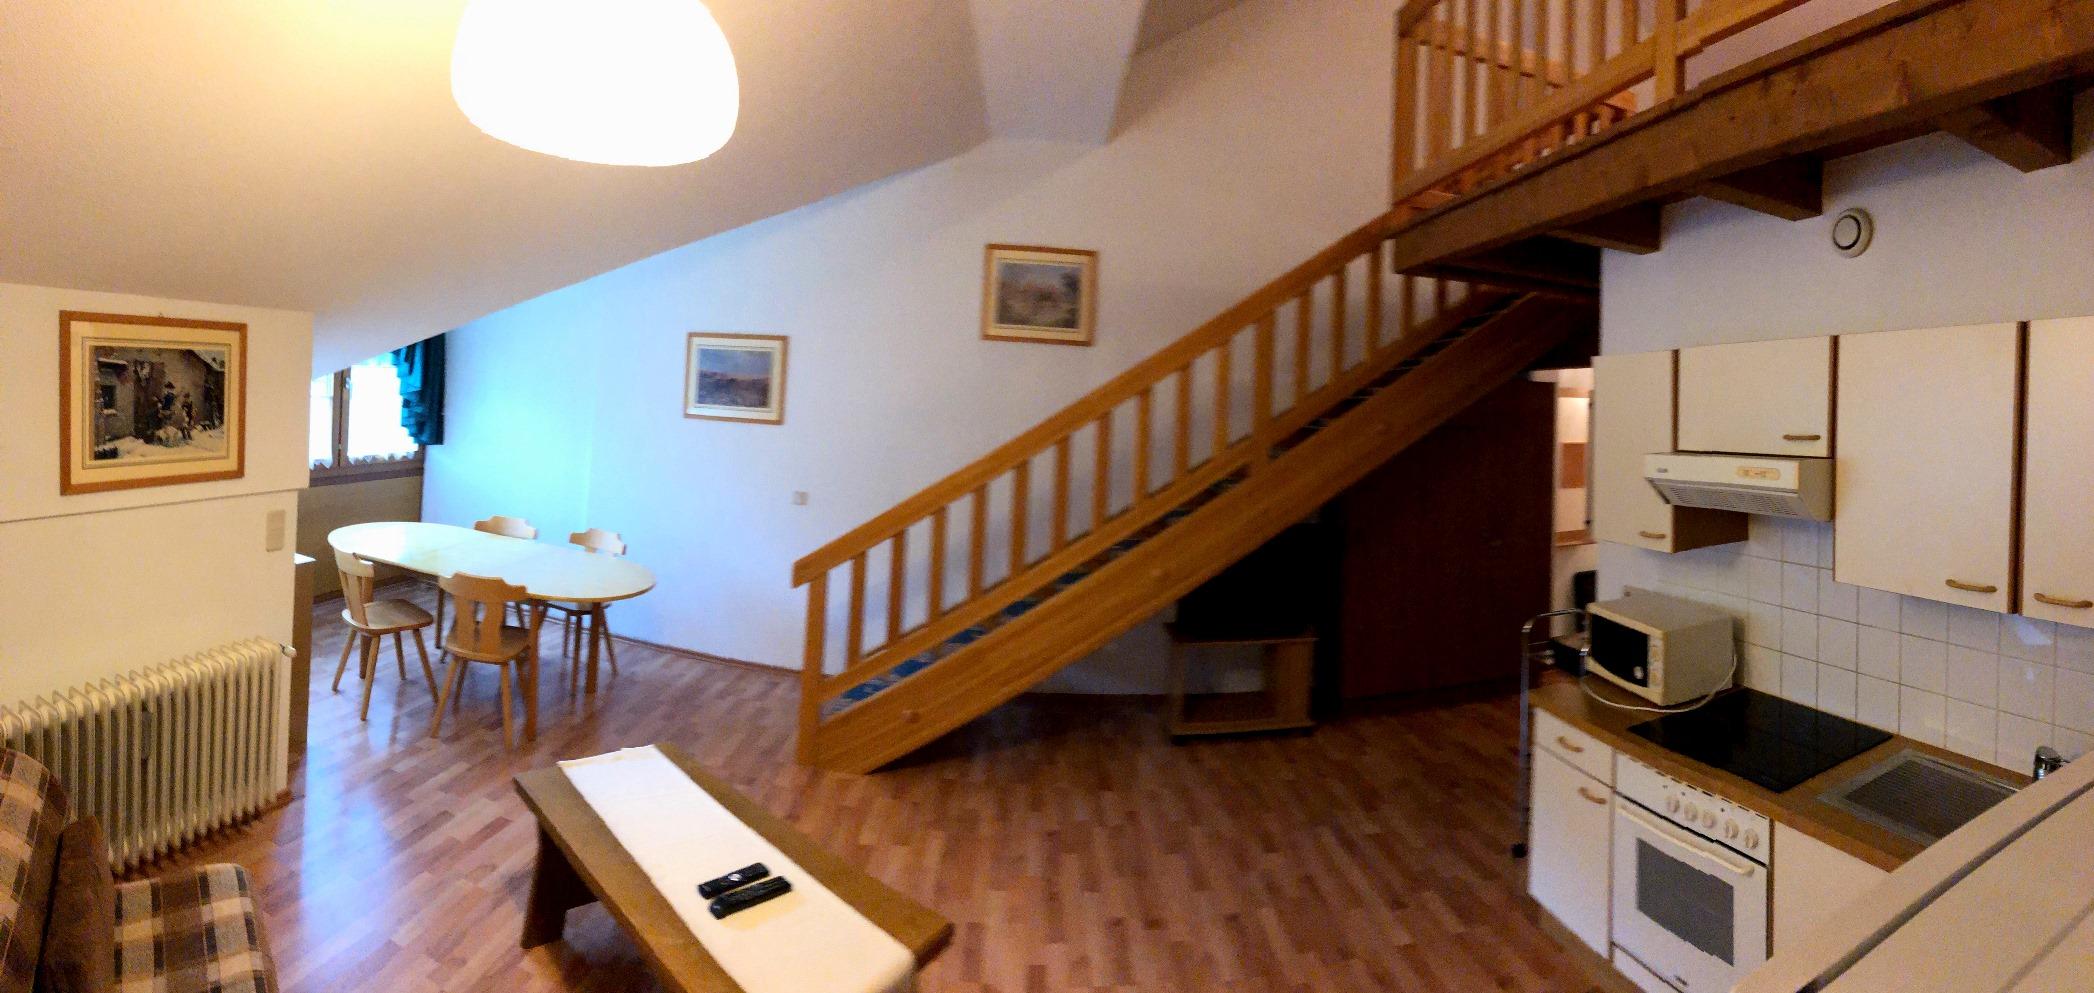 Bad Kleinkirchheim, Kaernten, Mansarde (CENTRAL) mit 2 Schlafzimmer, Garage